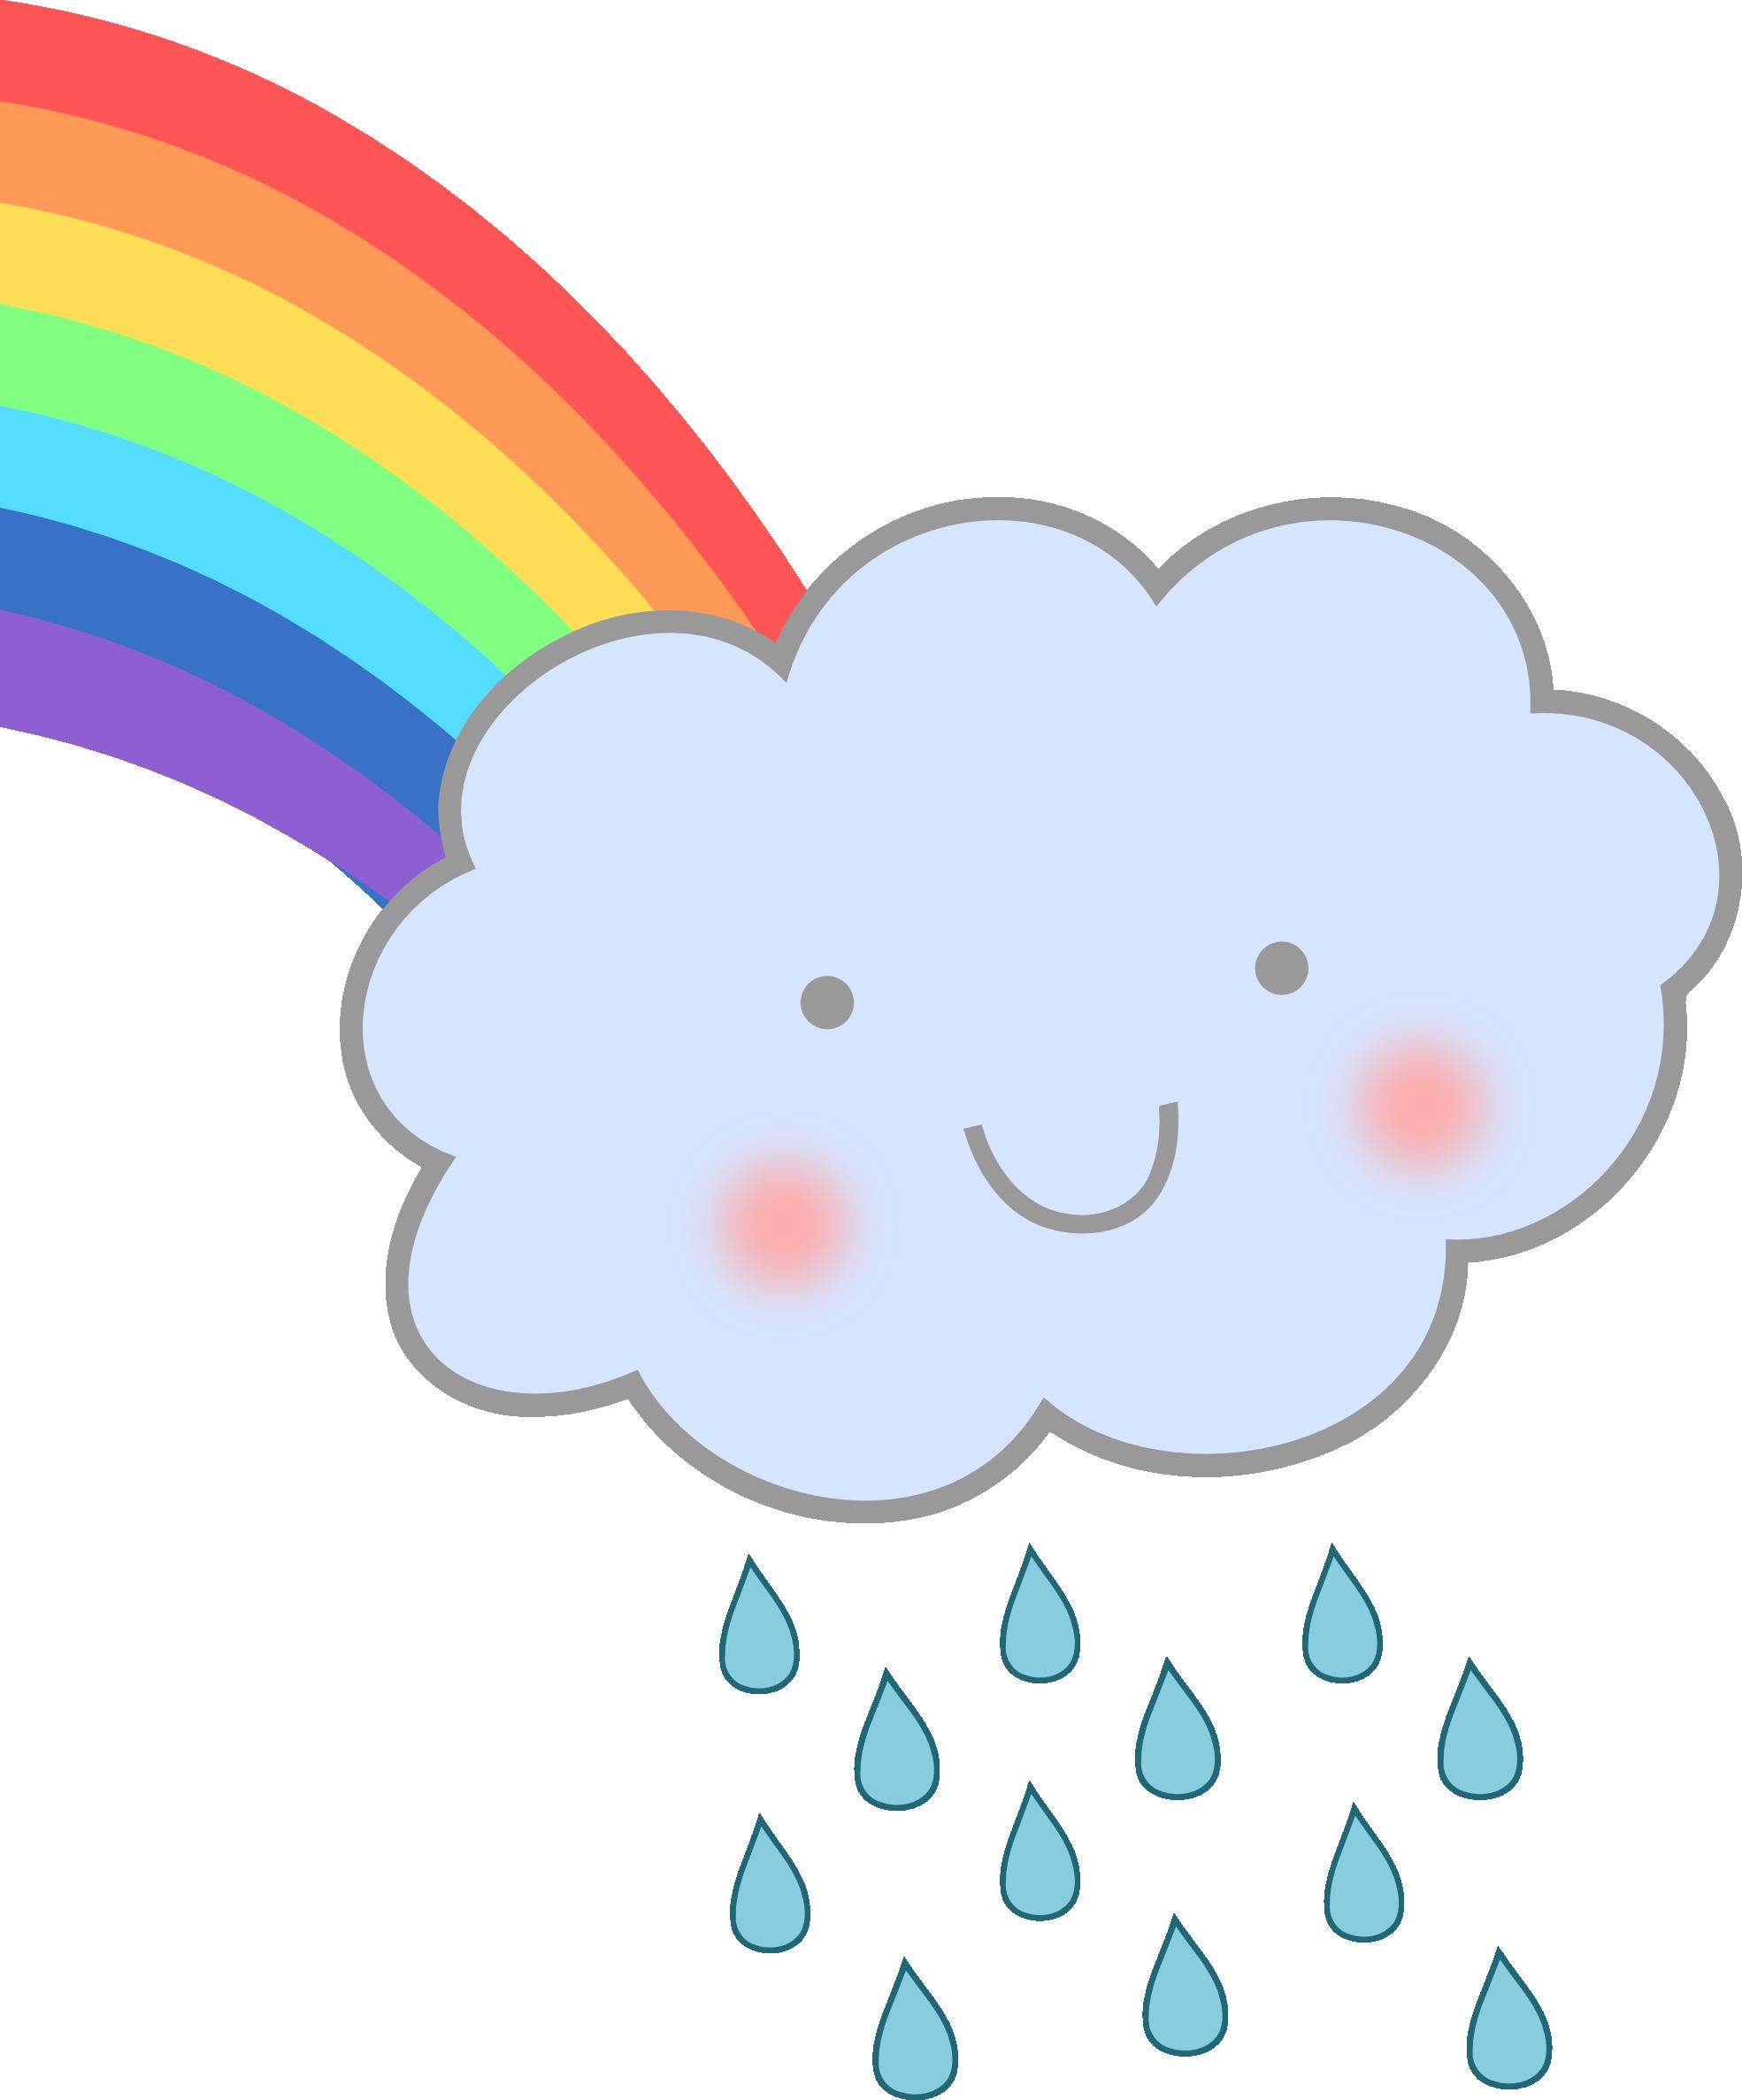 Clouds brain